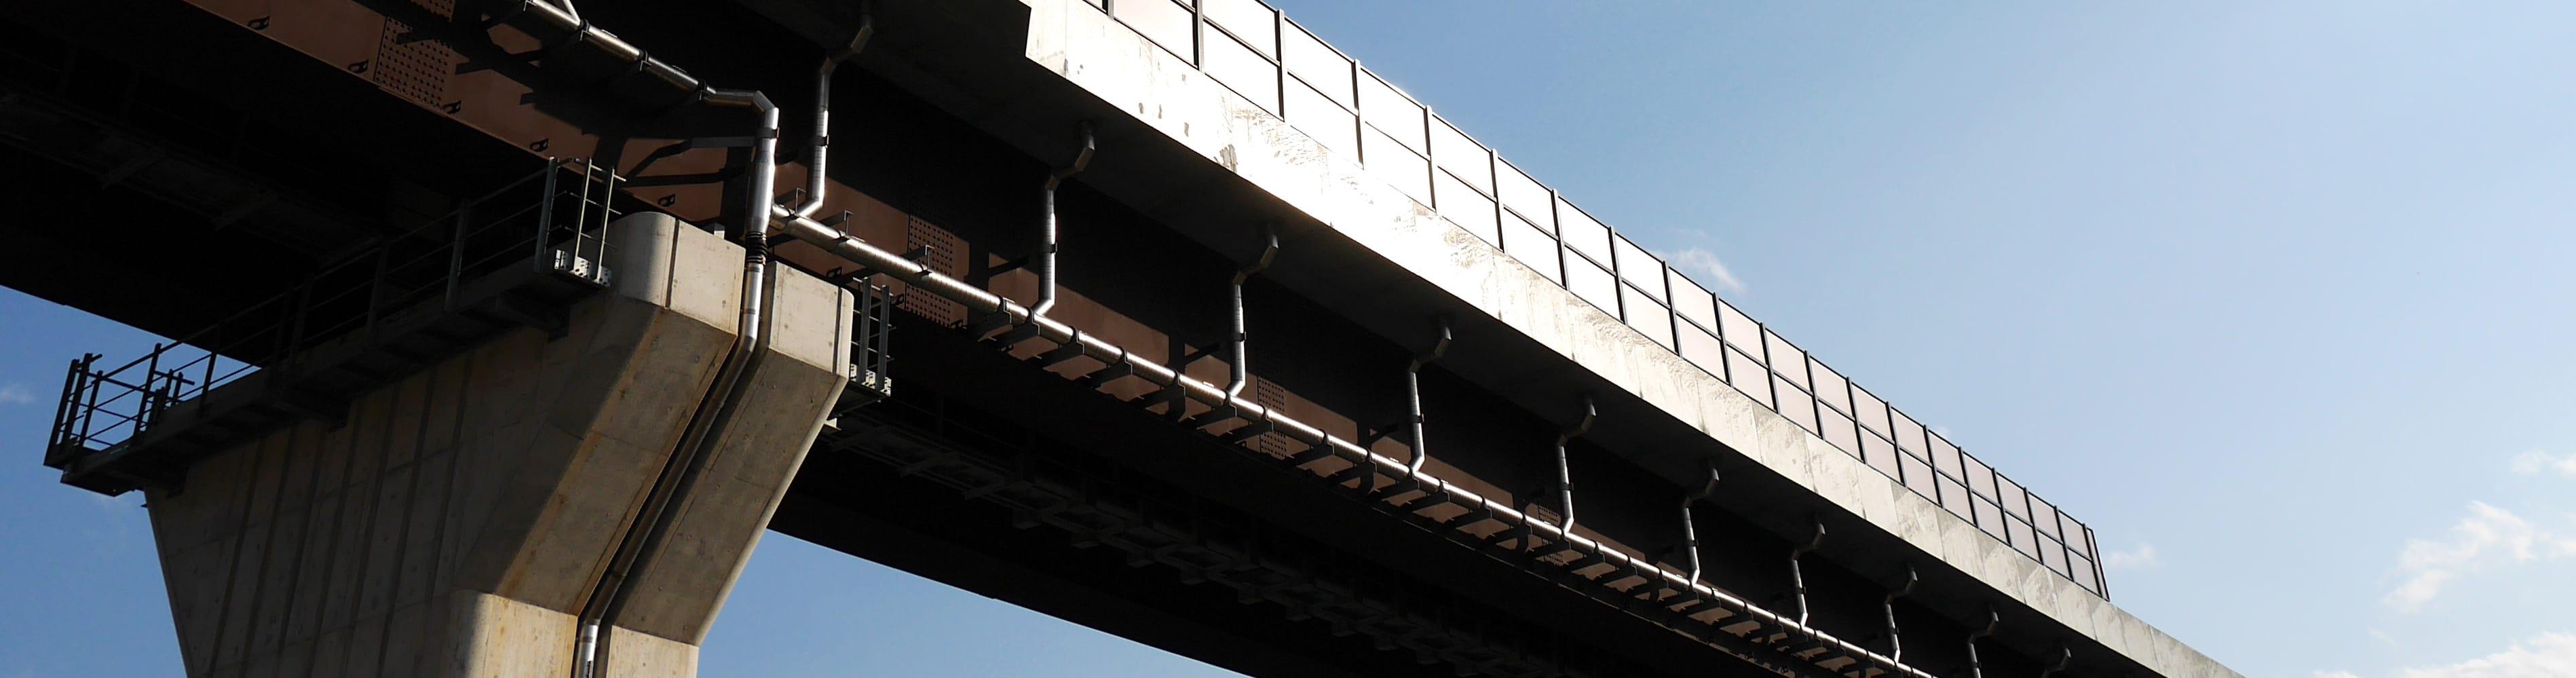 橋梁用排水装置トップページへ